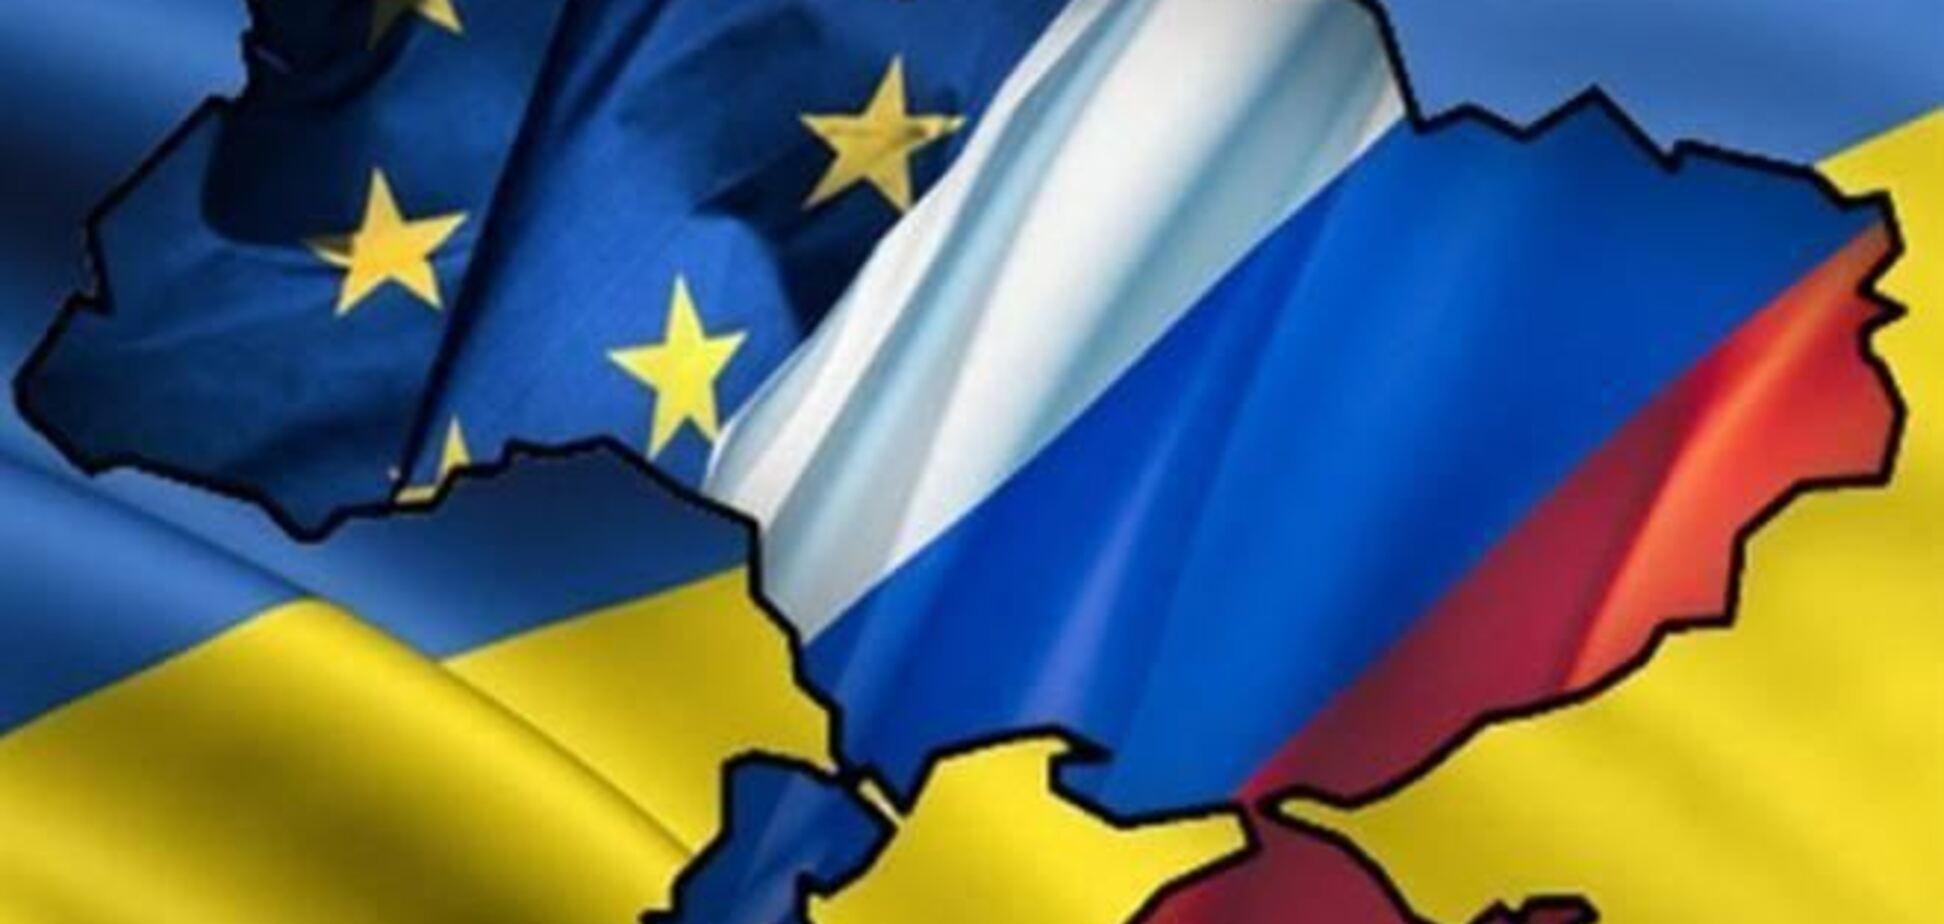 ЕС согласен на переговоры с Россией касательно евроинтеграции Украины